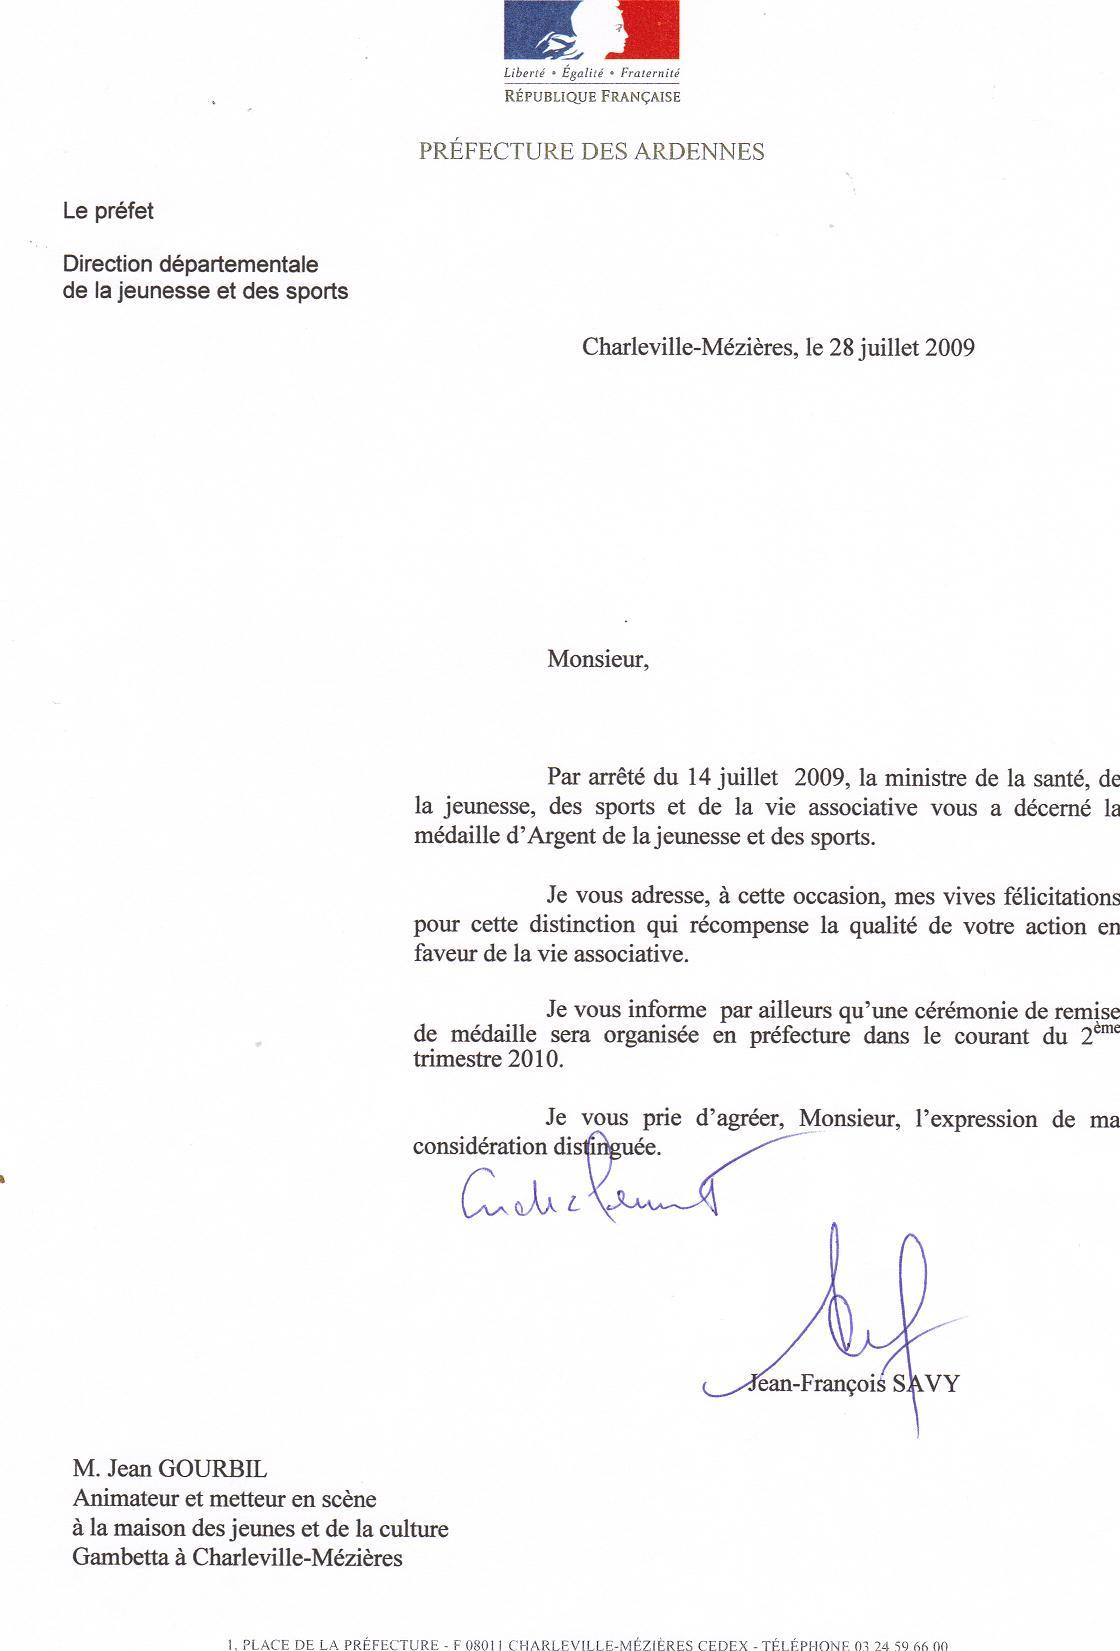 Double de la lettre de Monsieur le PREFET des ARDENNES